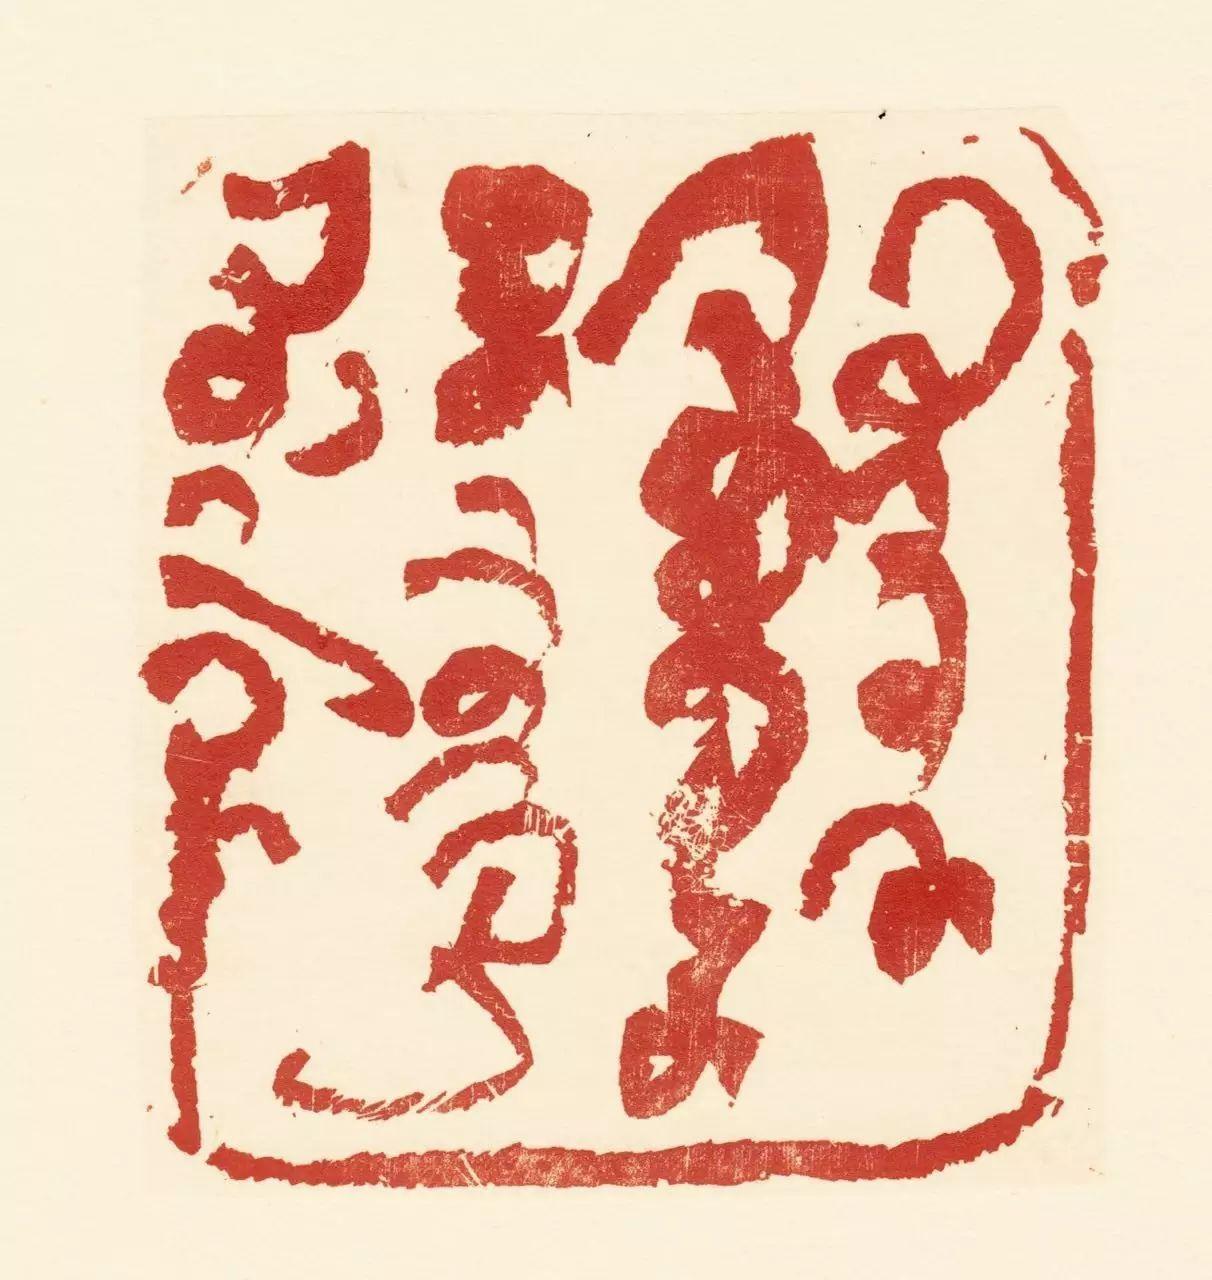 沙舟近期蒙古文篆刻新作欣赏(附印面) 第16张 沙舟近期蒙古文篆刻新作欣赏(附印面) 蒙古书法